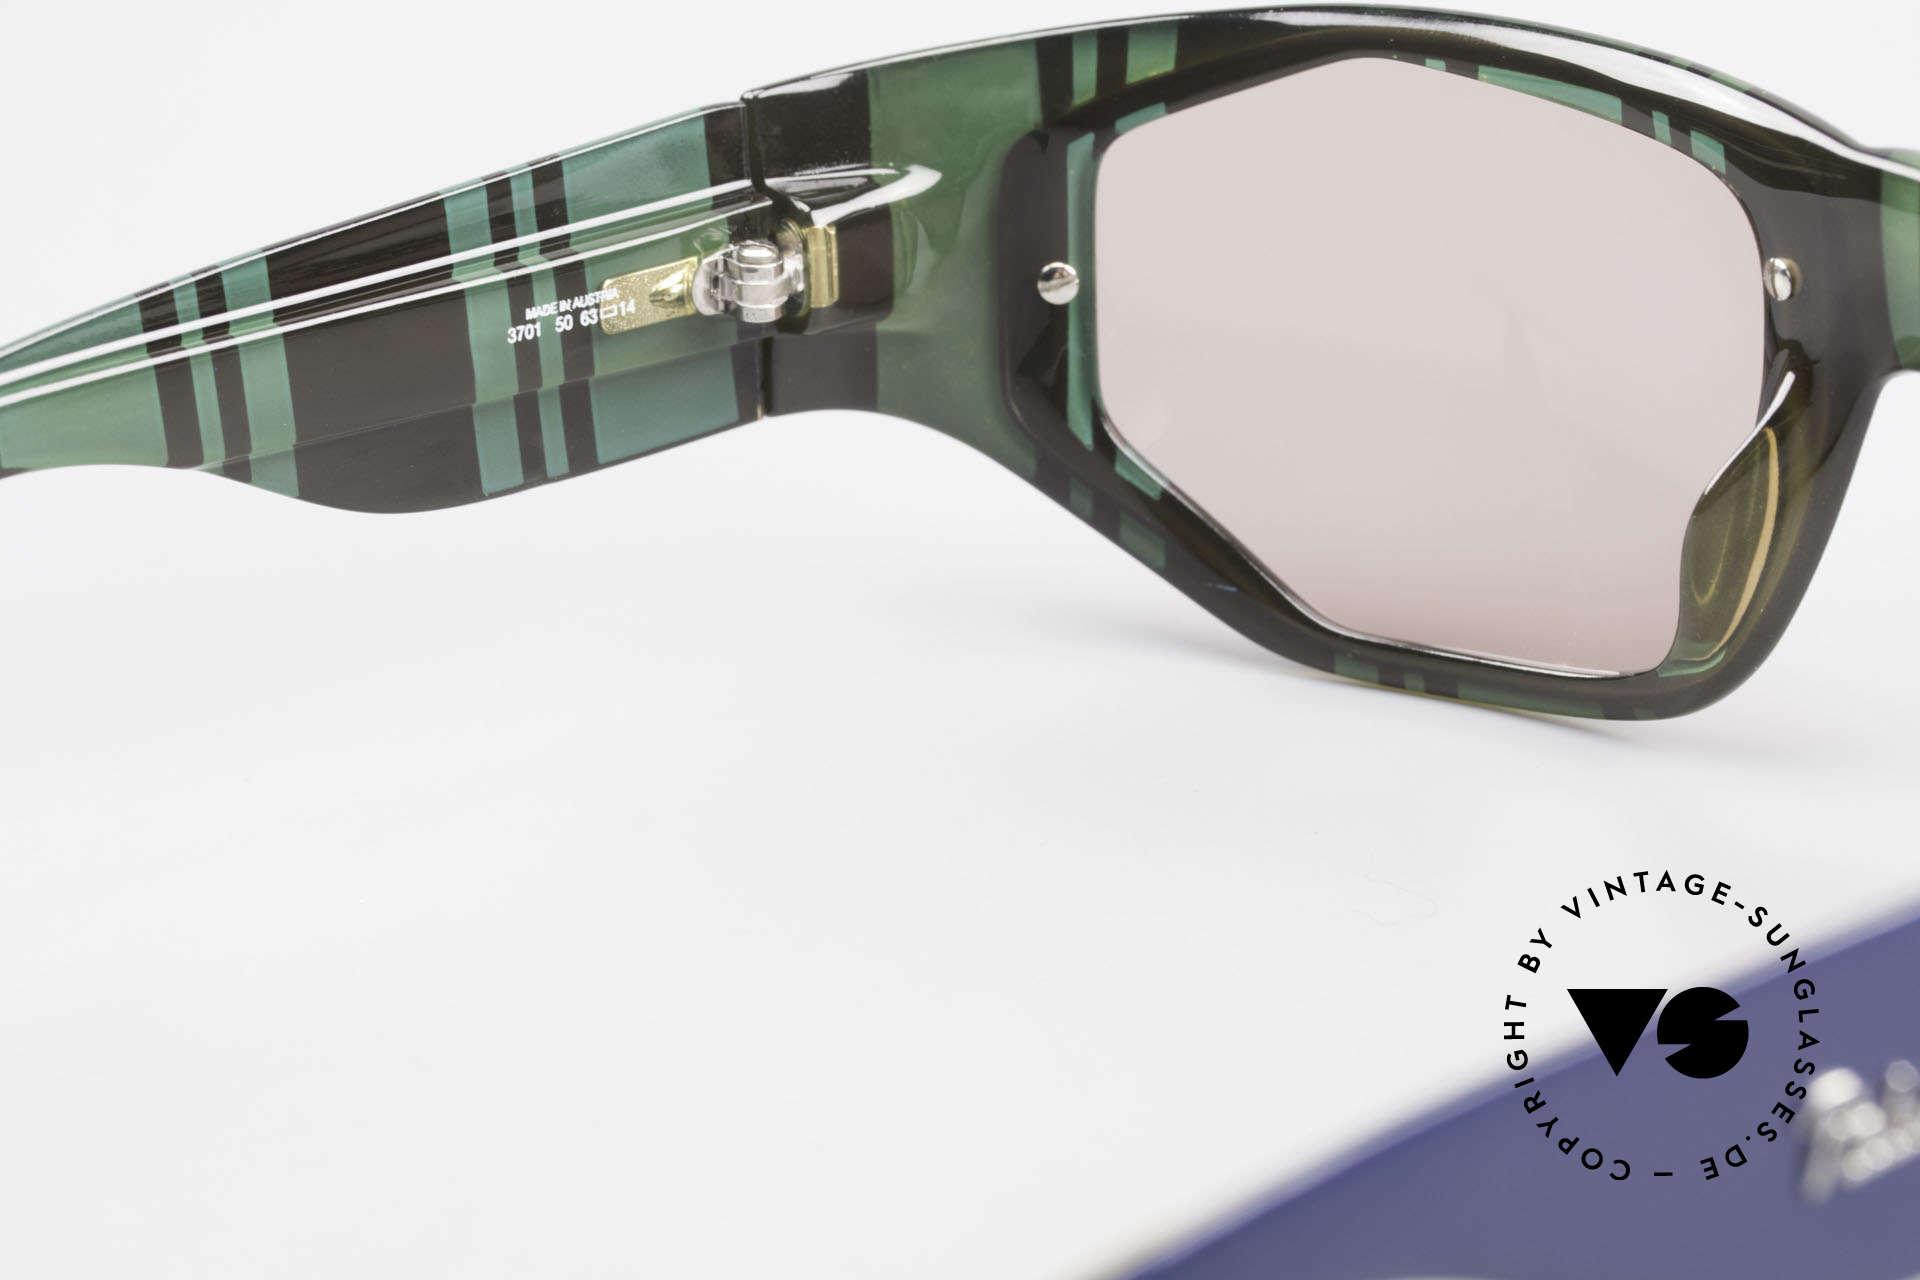 Paloma Picasso 3701 Wrap Around Sonnenbrille 90er, Keine Reproduktion, sondern ein stolzes Original!, Passend für Damen